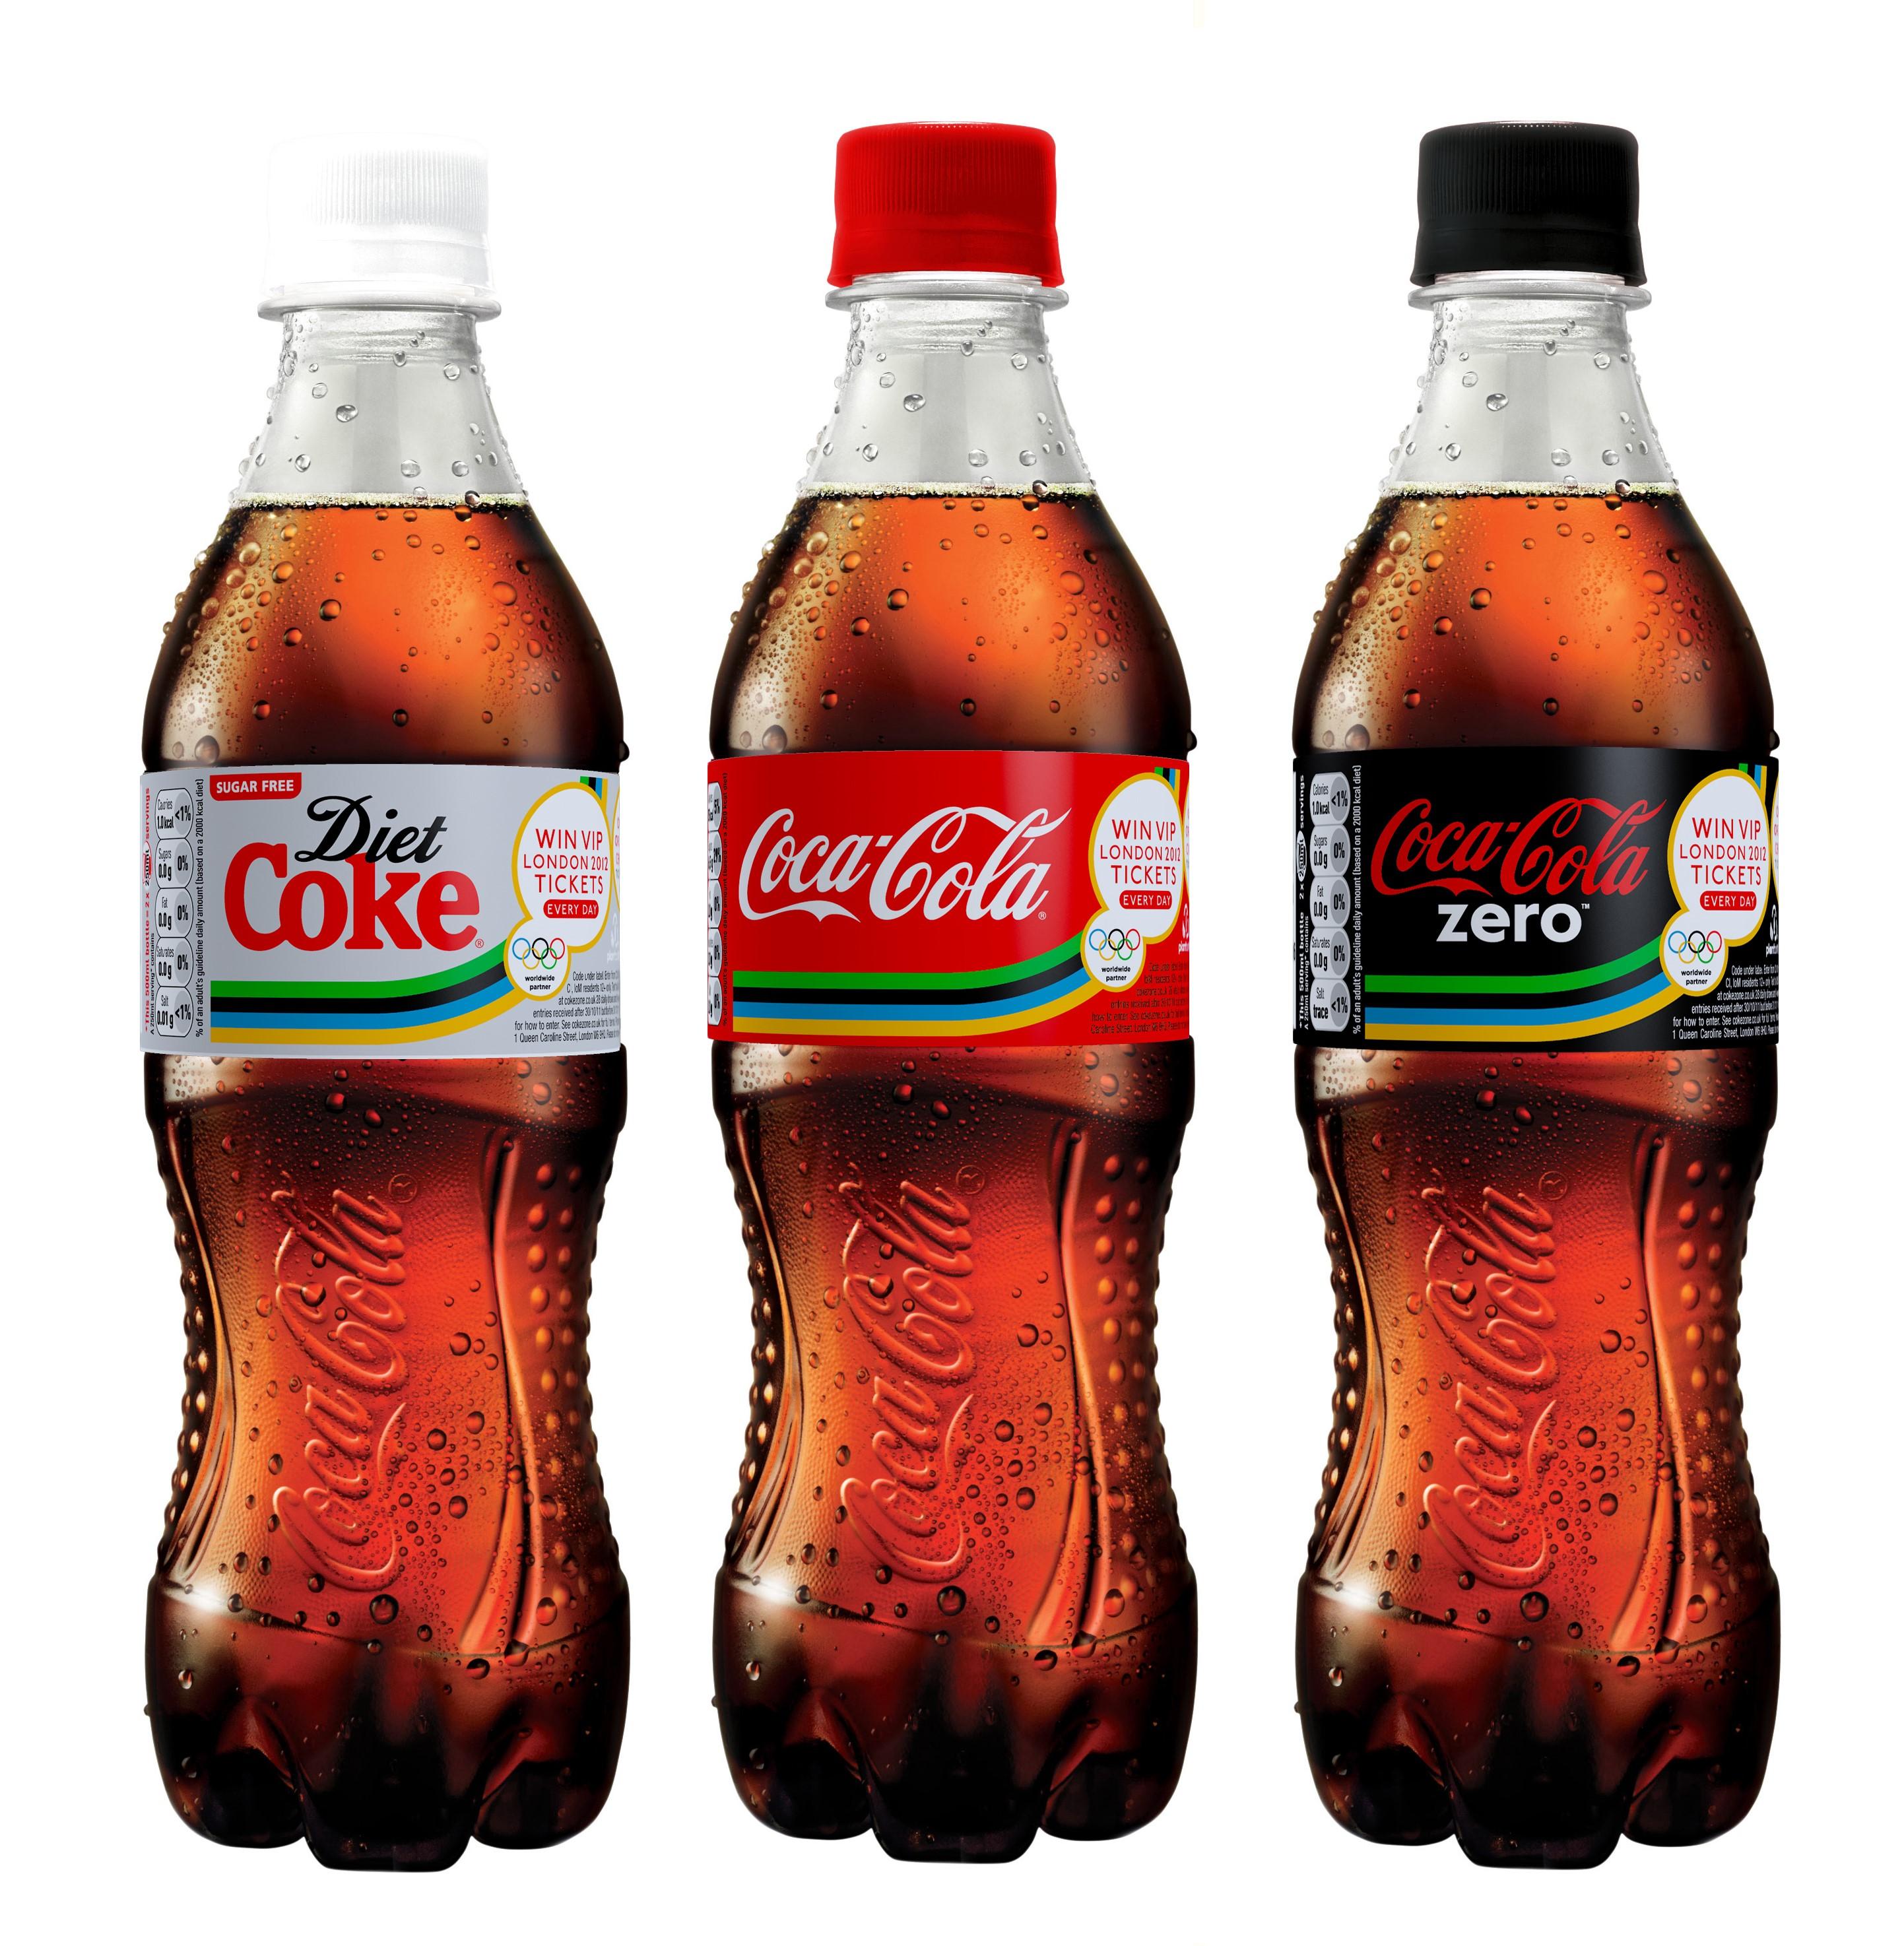 Zdravi alternativi, Coke Zero in Diet Coke.